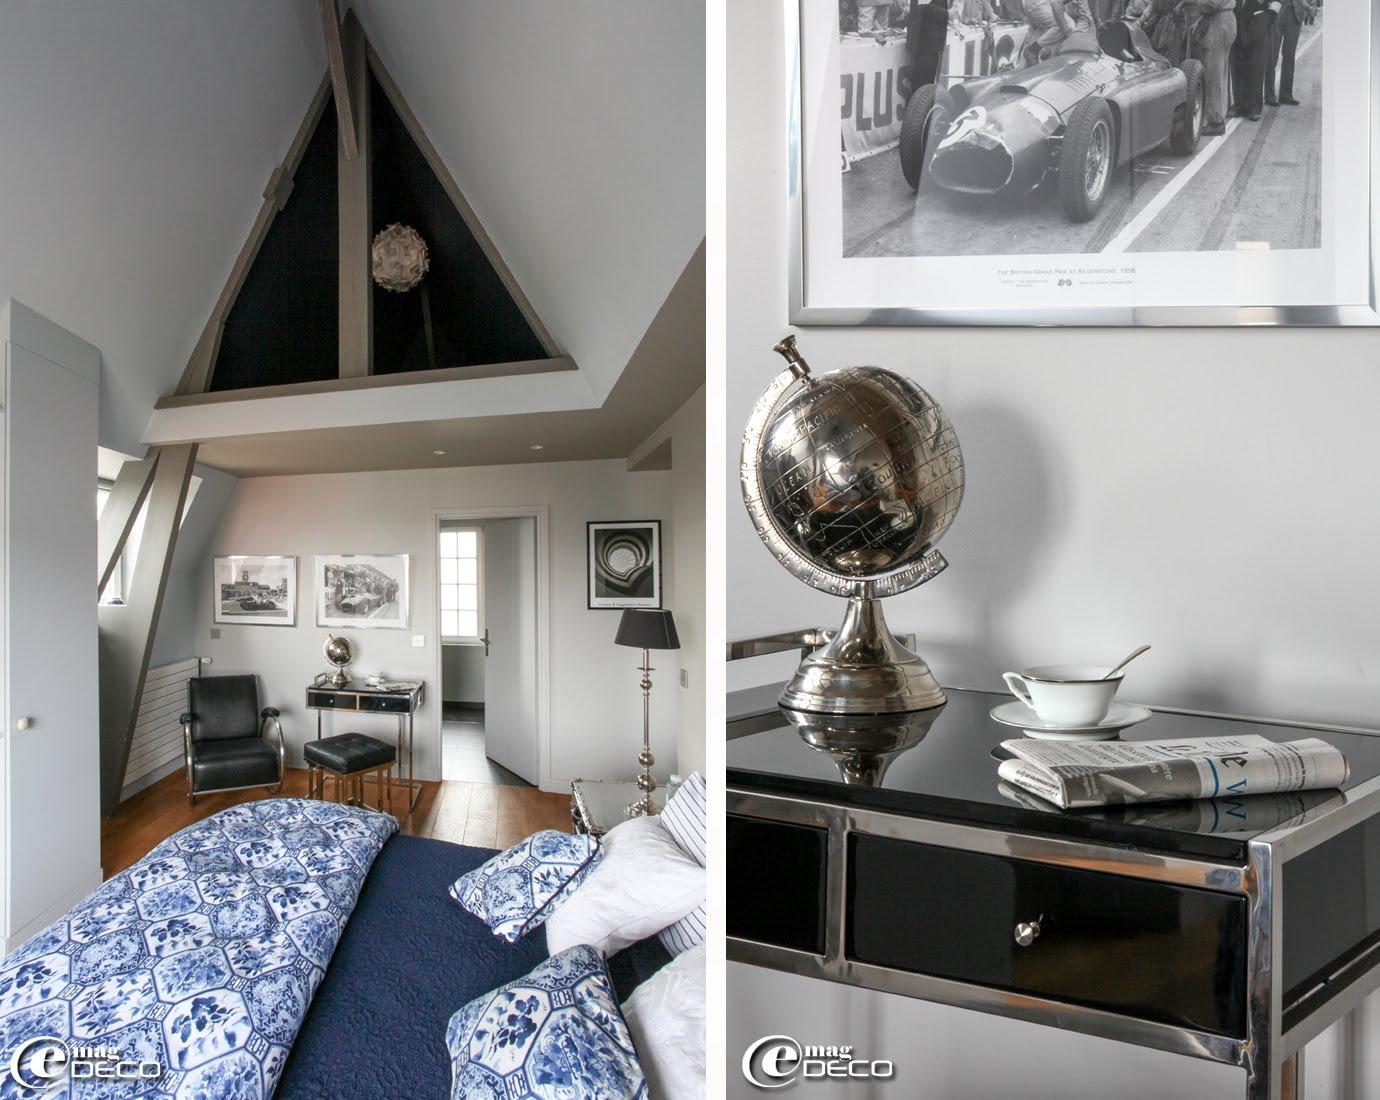 Une cahmbre de la maison d'hôtes 'Le Cottage' avec un secrétaire 'Equinox' en verre et acier 'Eichholtz' et un globe 'Fancy'